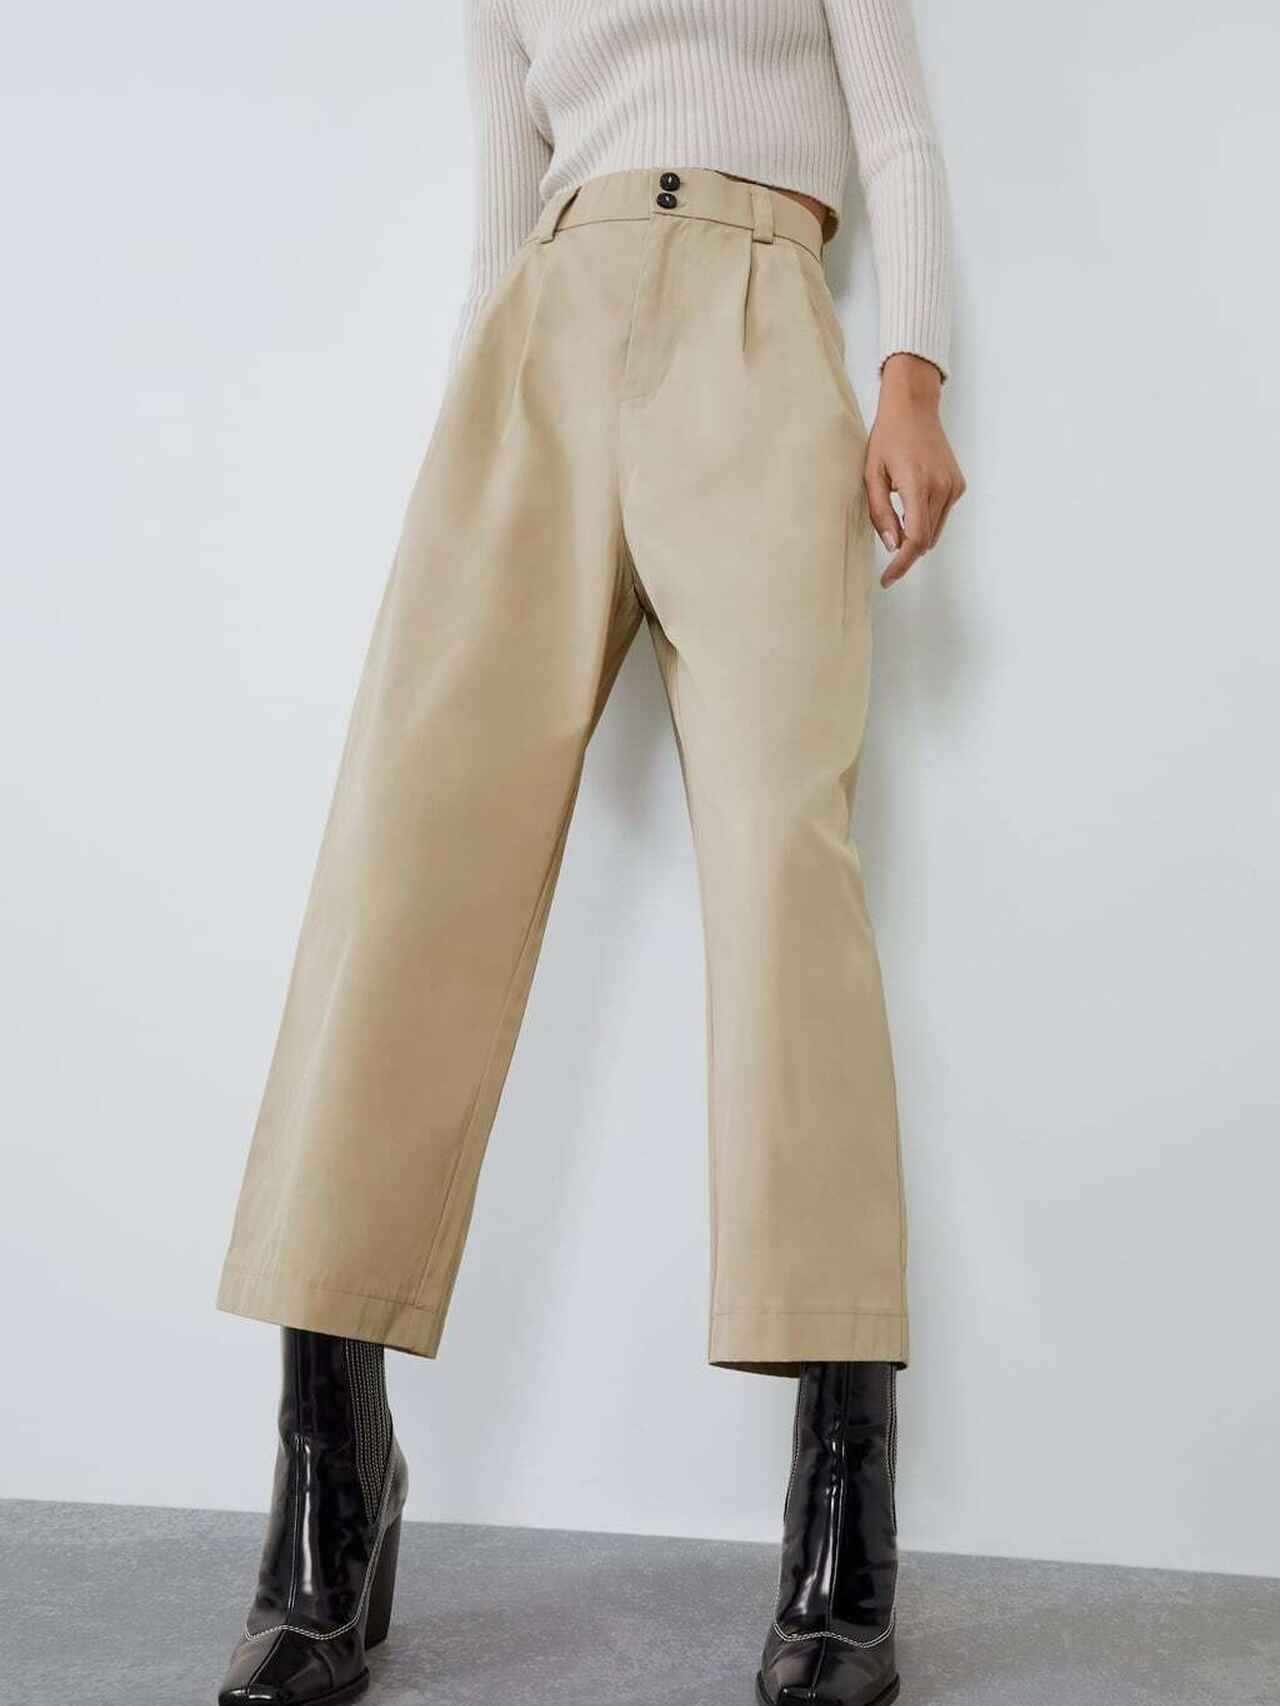 Tienes 12 99 Euros Pues Zara Te Da Los Pantalones Mas Deseados Del Otono